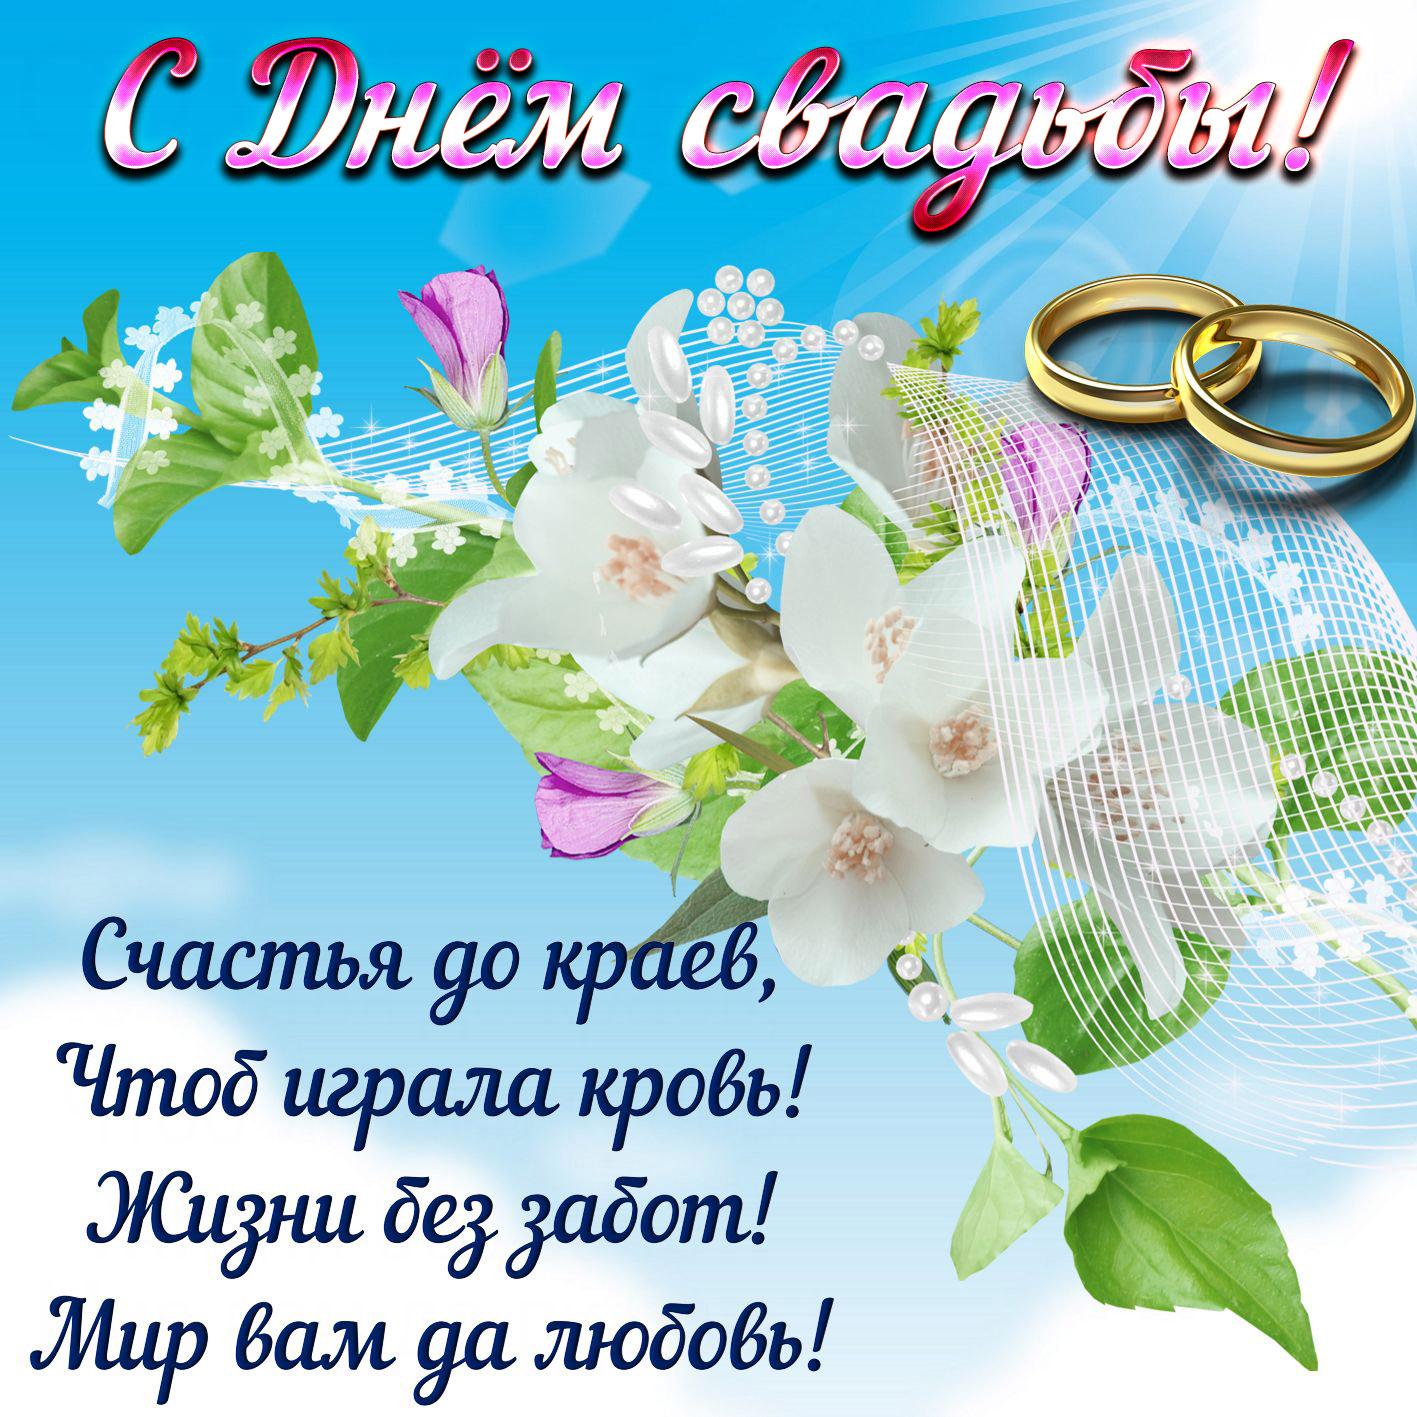 Картинка с пожеланием на фоне цветов на День свадьбы